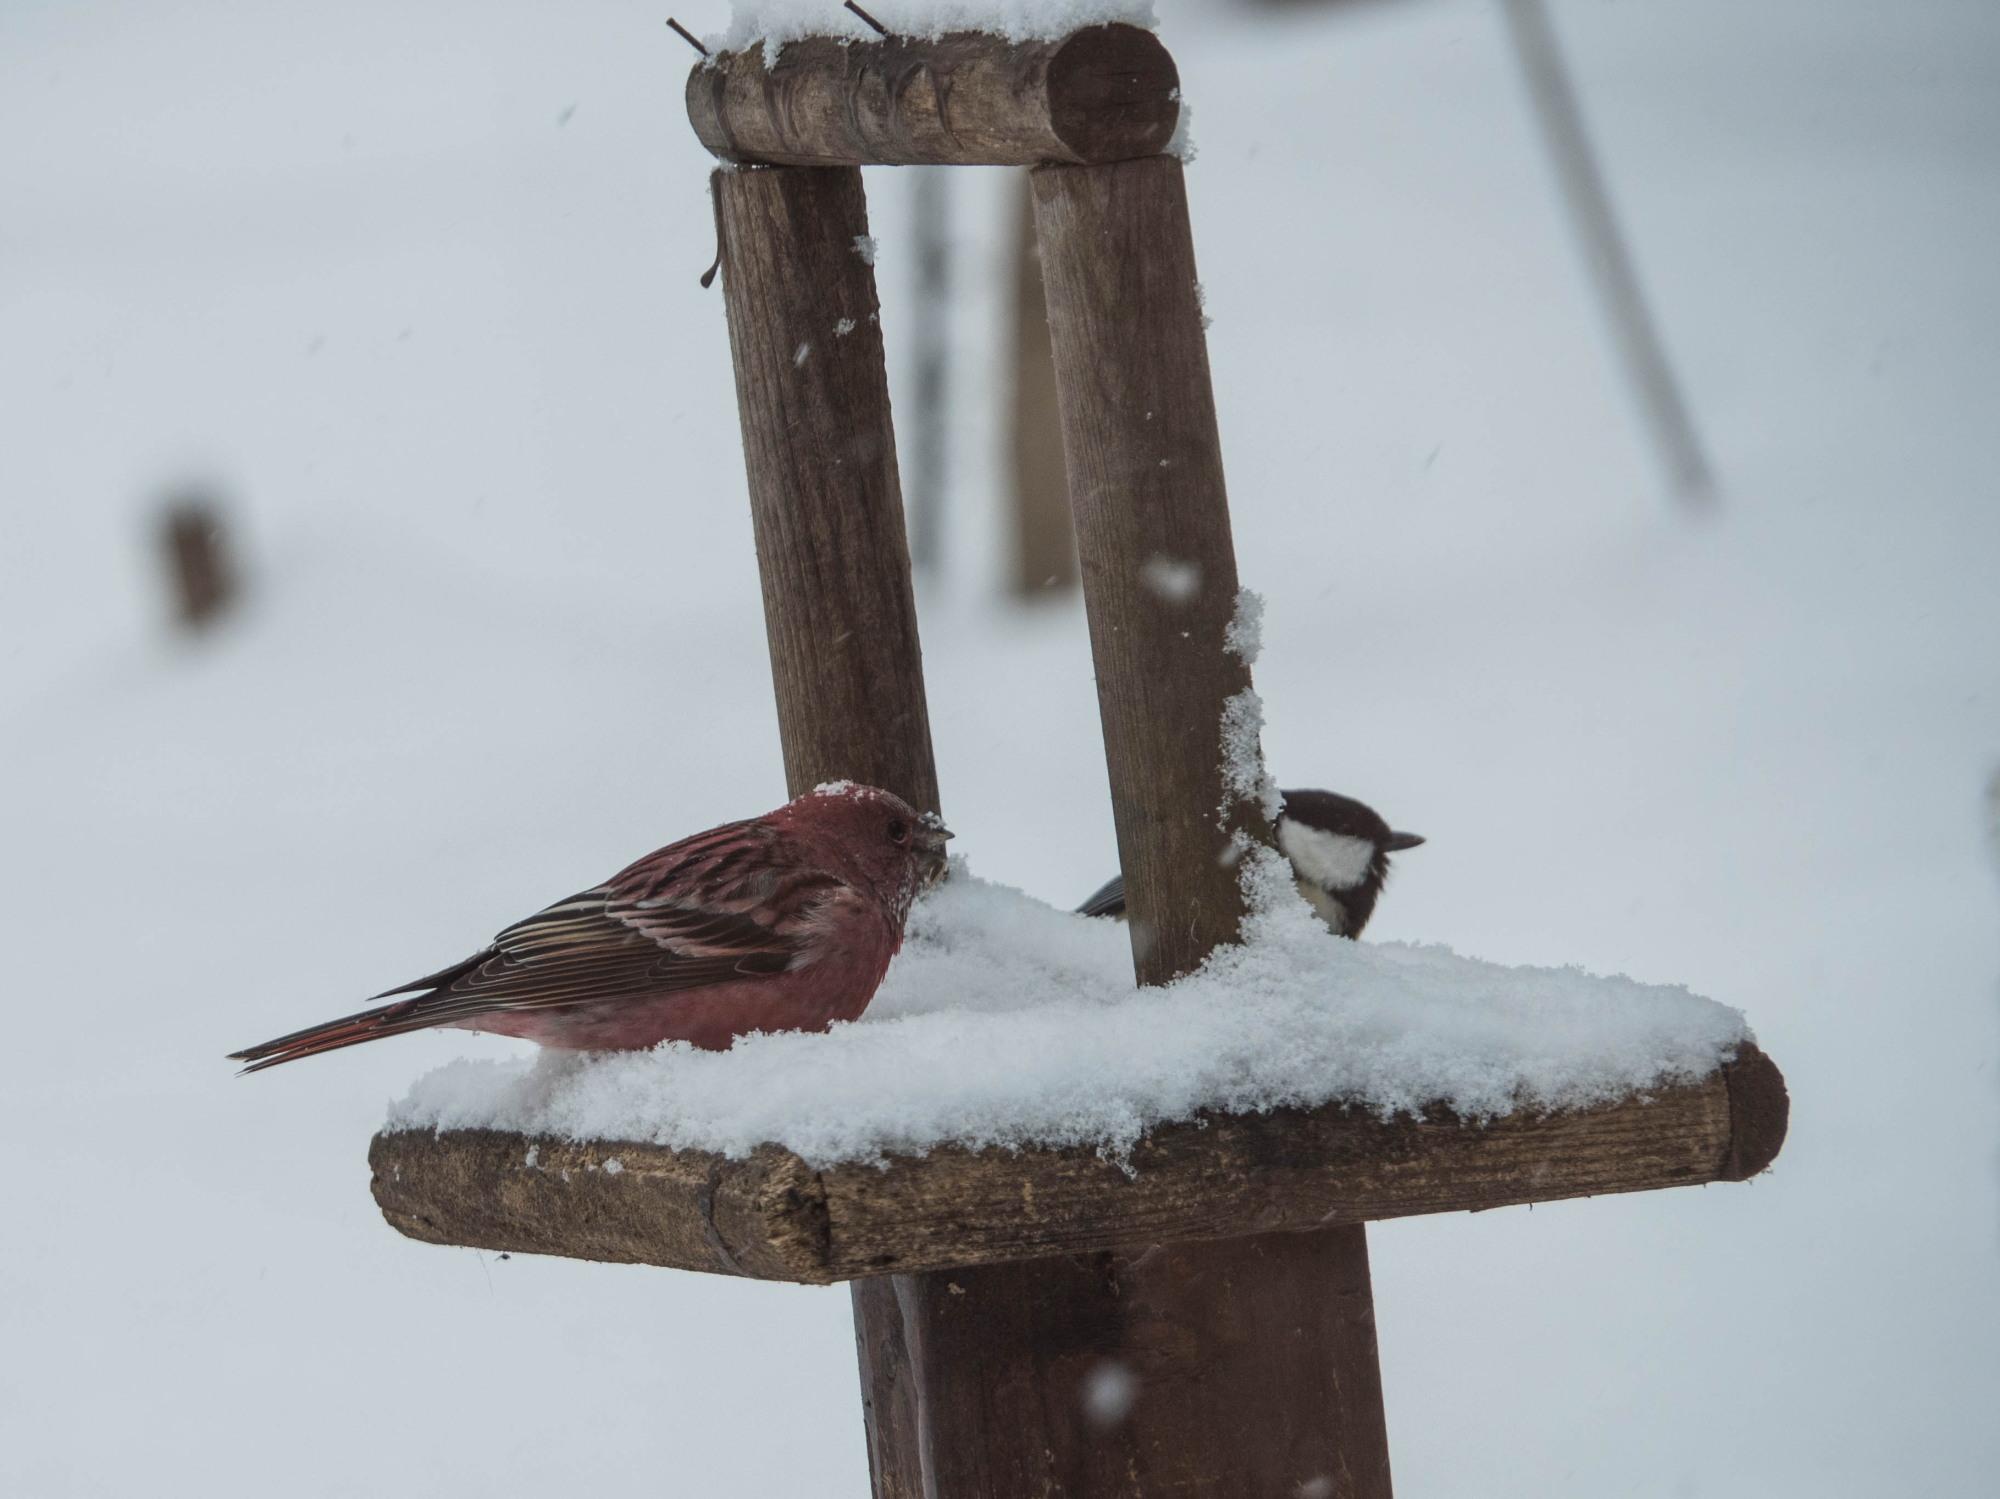 雪まみれのエゾリス君の後・・真っ赤なオオマシコさんがやって来ました。_f0276498_00384896.jpg